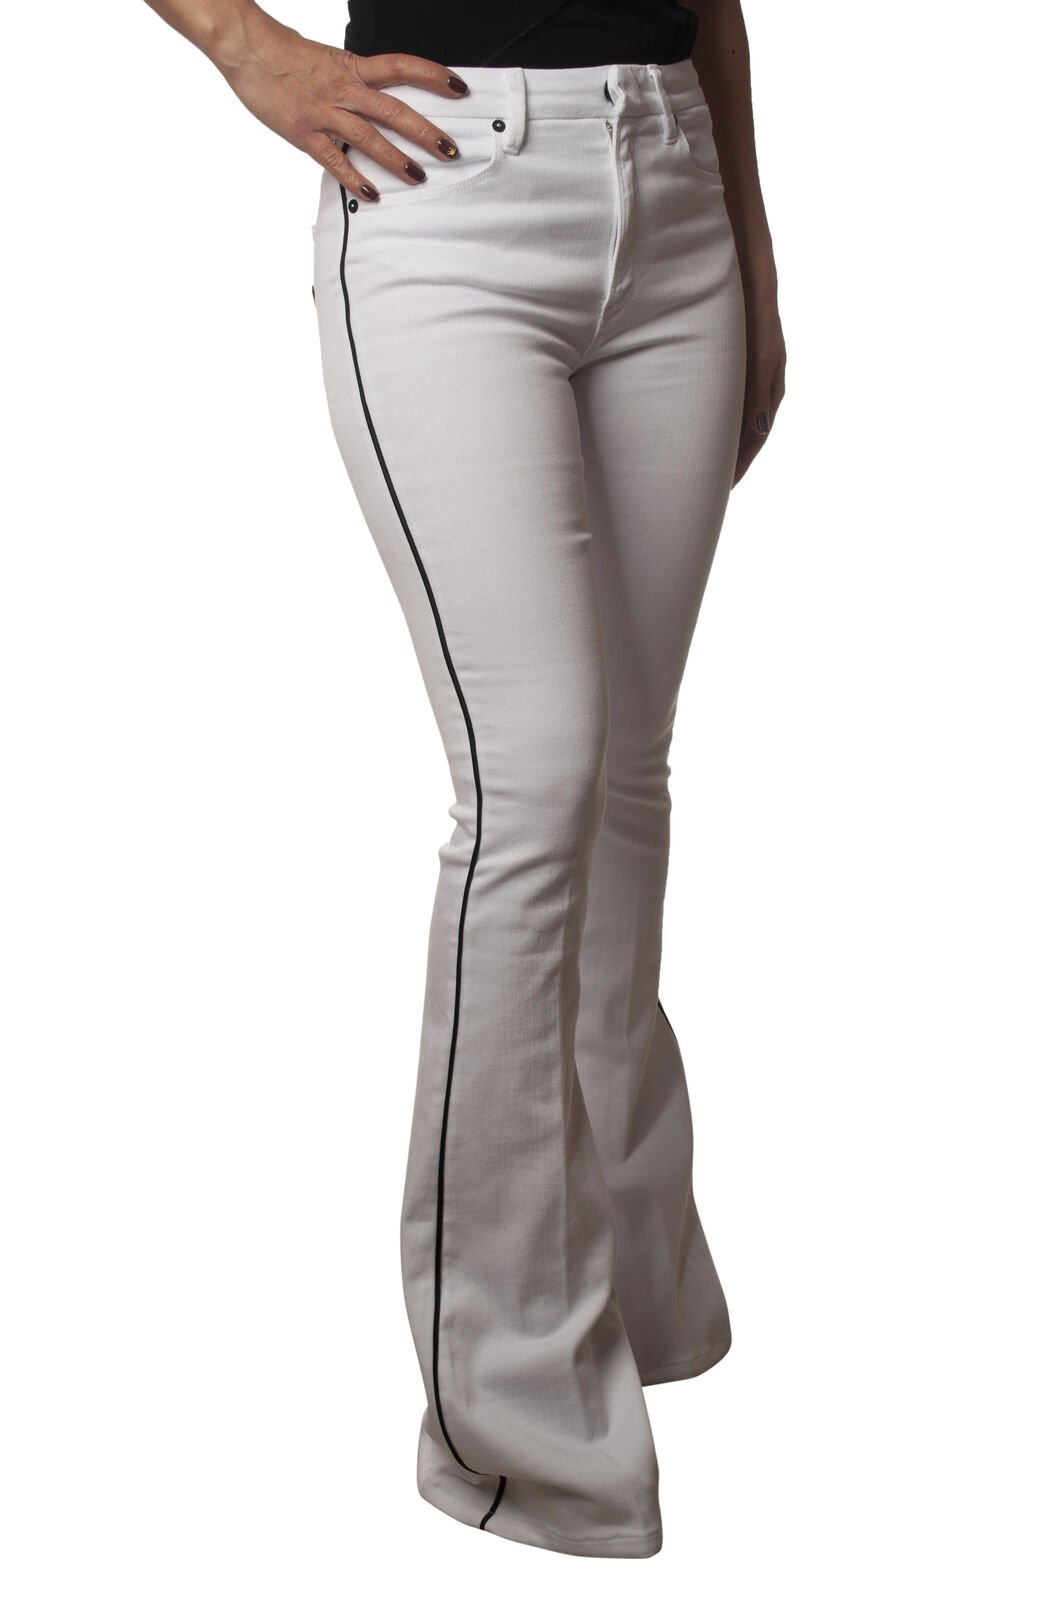 Dondup - Jeans, Trousers, leg - Woman - White - 5940609C190905